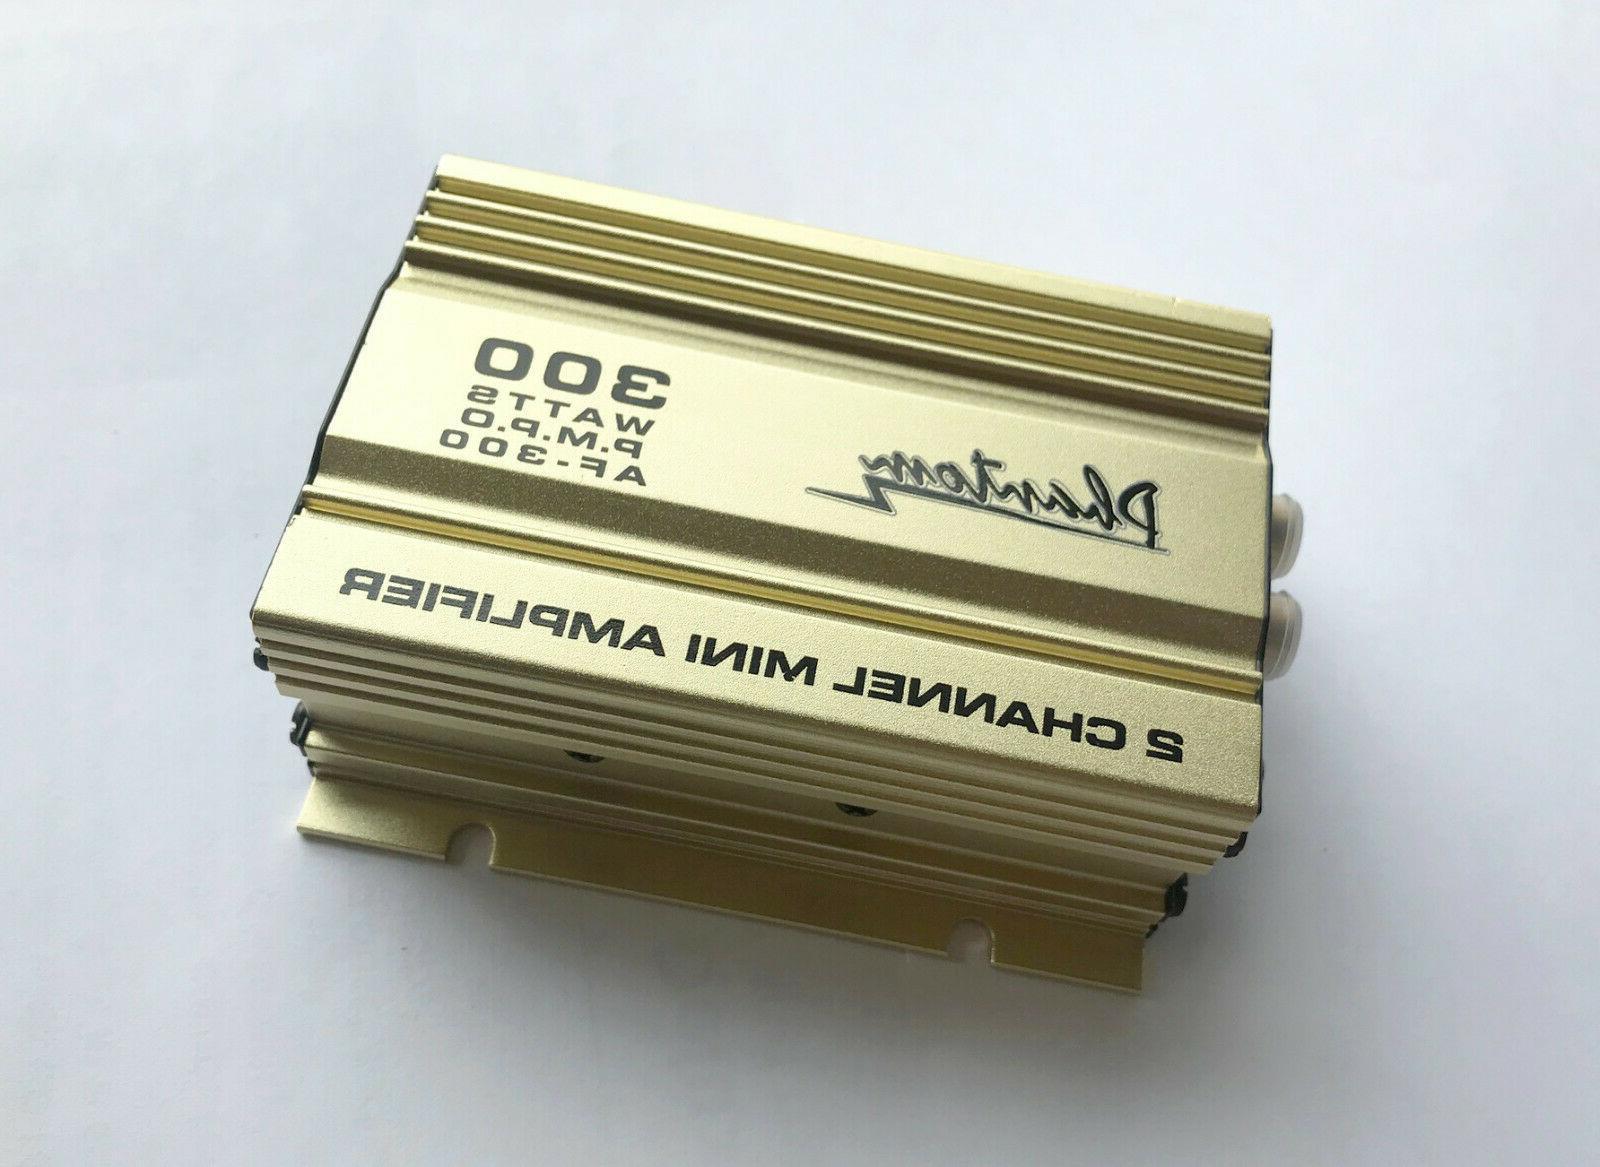 2 channel 300 watts mini amplifier